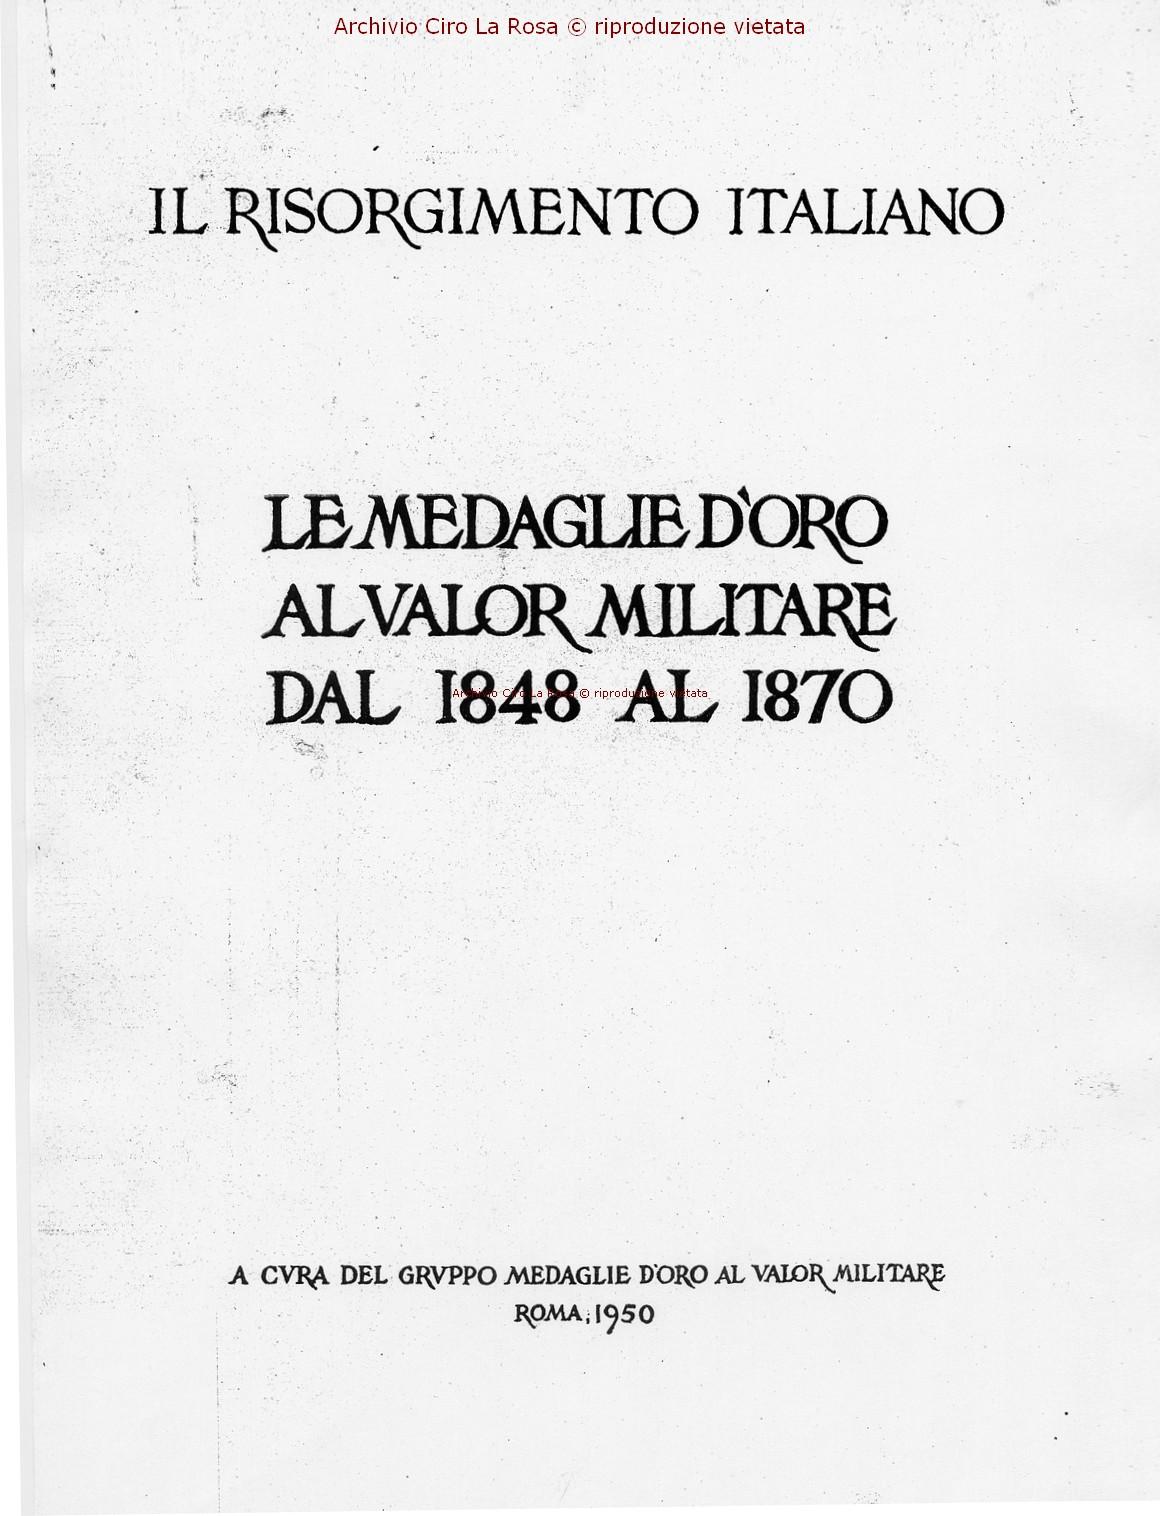 Ruggero Emerico Acton. Archivio Ciro La Rosa. Clicca per ingrandire 9d0d53ef783